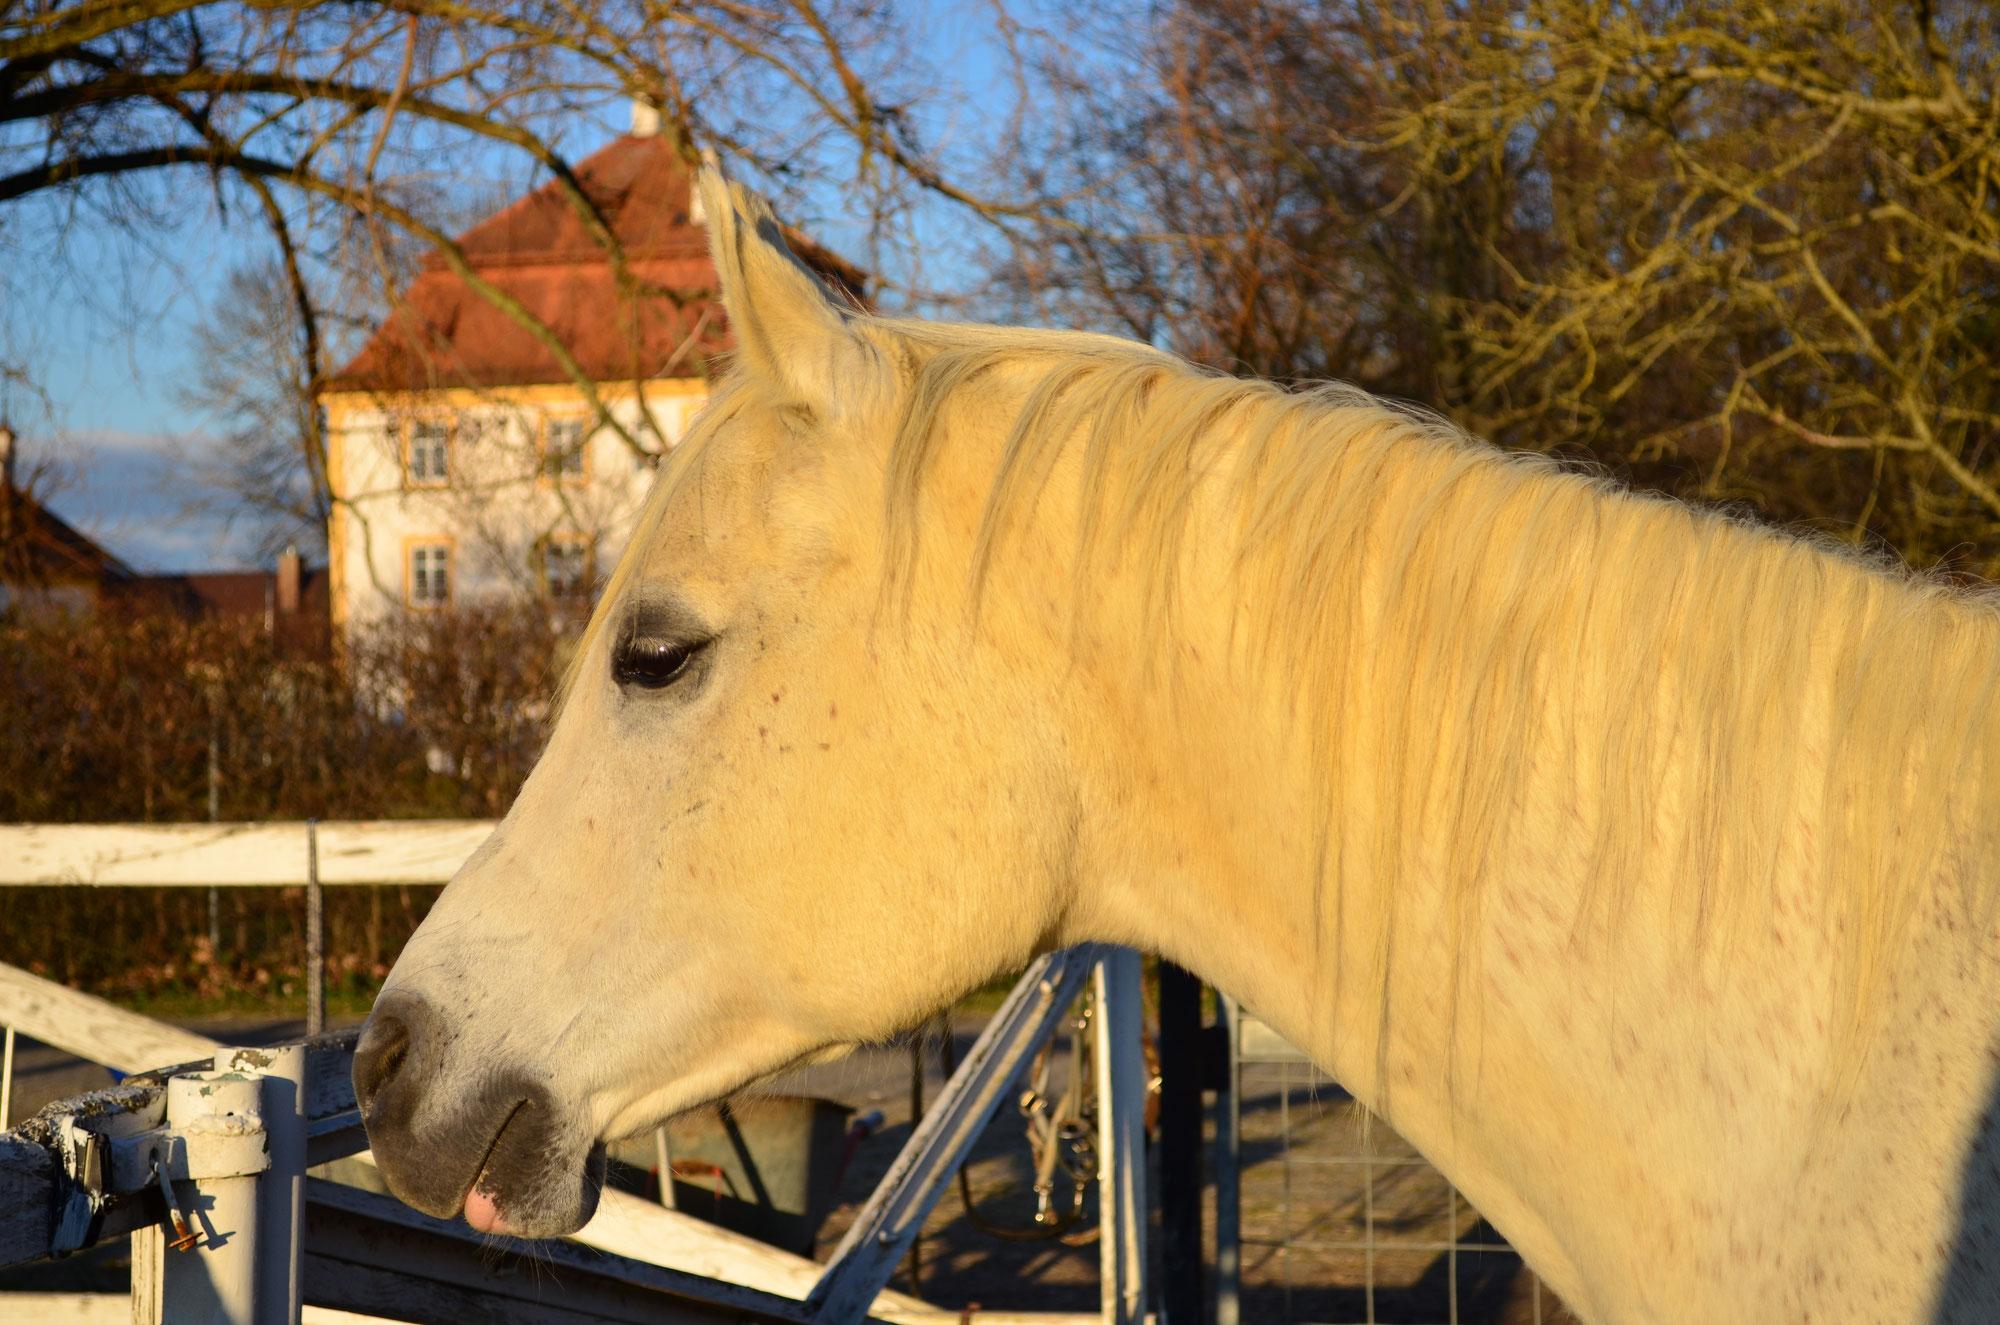 Das ältere Pferd - Probleme beim Fellwechsel?!